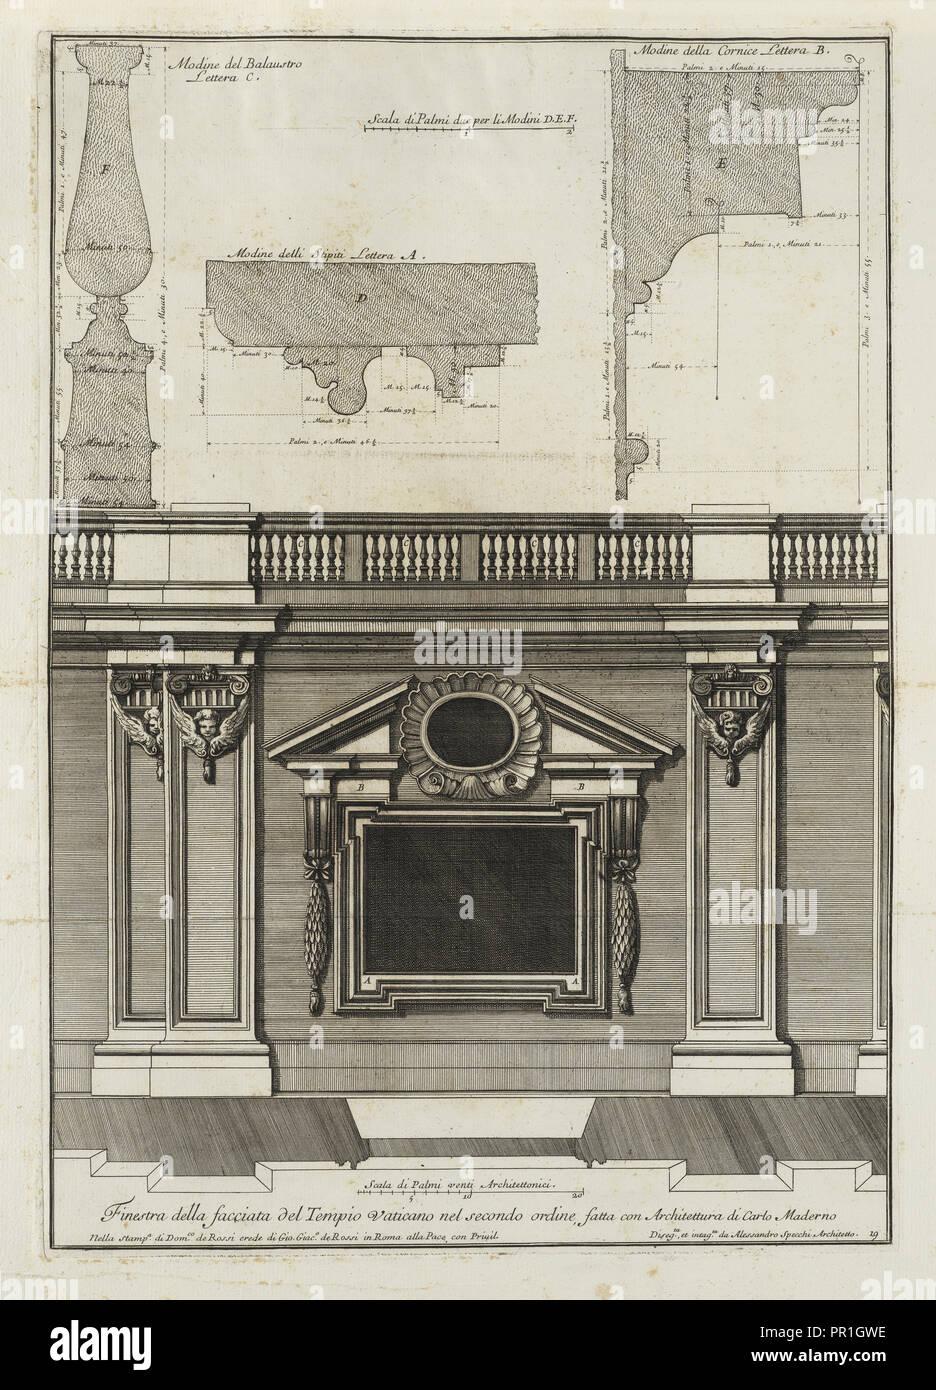 fatta con architettura di Carlo Maderno, Finestra della facciata del Tempio Vaticano nel secondo ordine, fatta con architettura Stock Photo